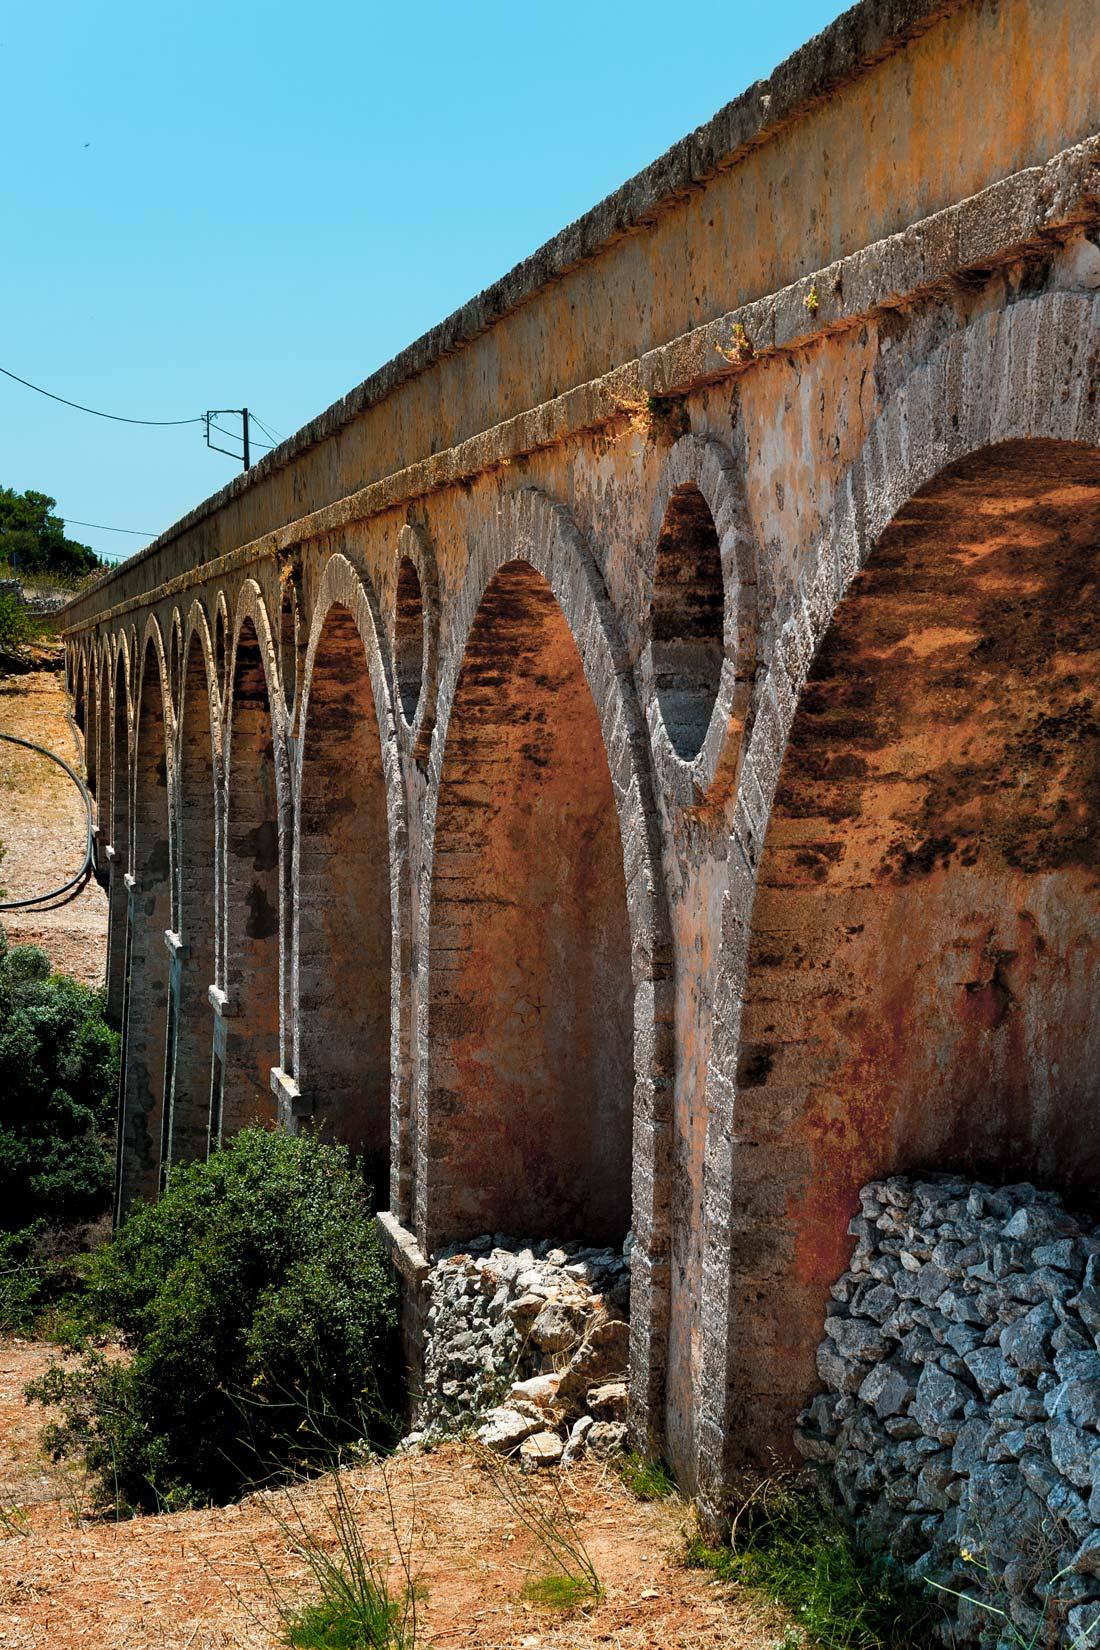 Katouni bridge je největší architektonický skvost z období britské správy ostrova. 110 m délky, 15 m výšky, 6 m šířky, 13 oblouků.